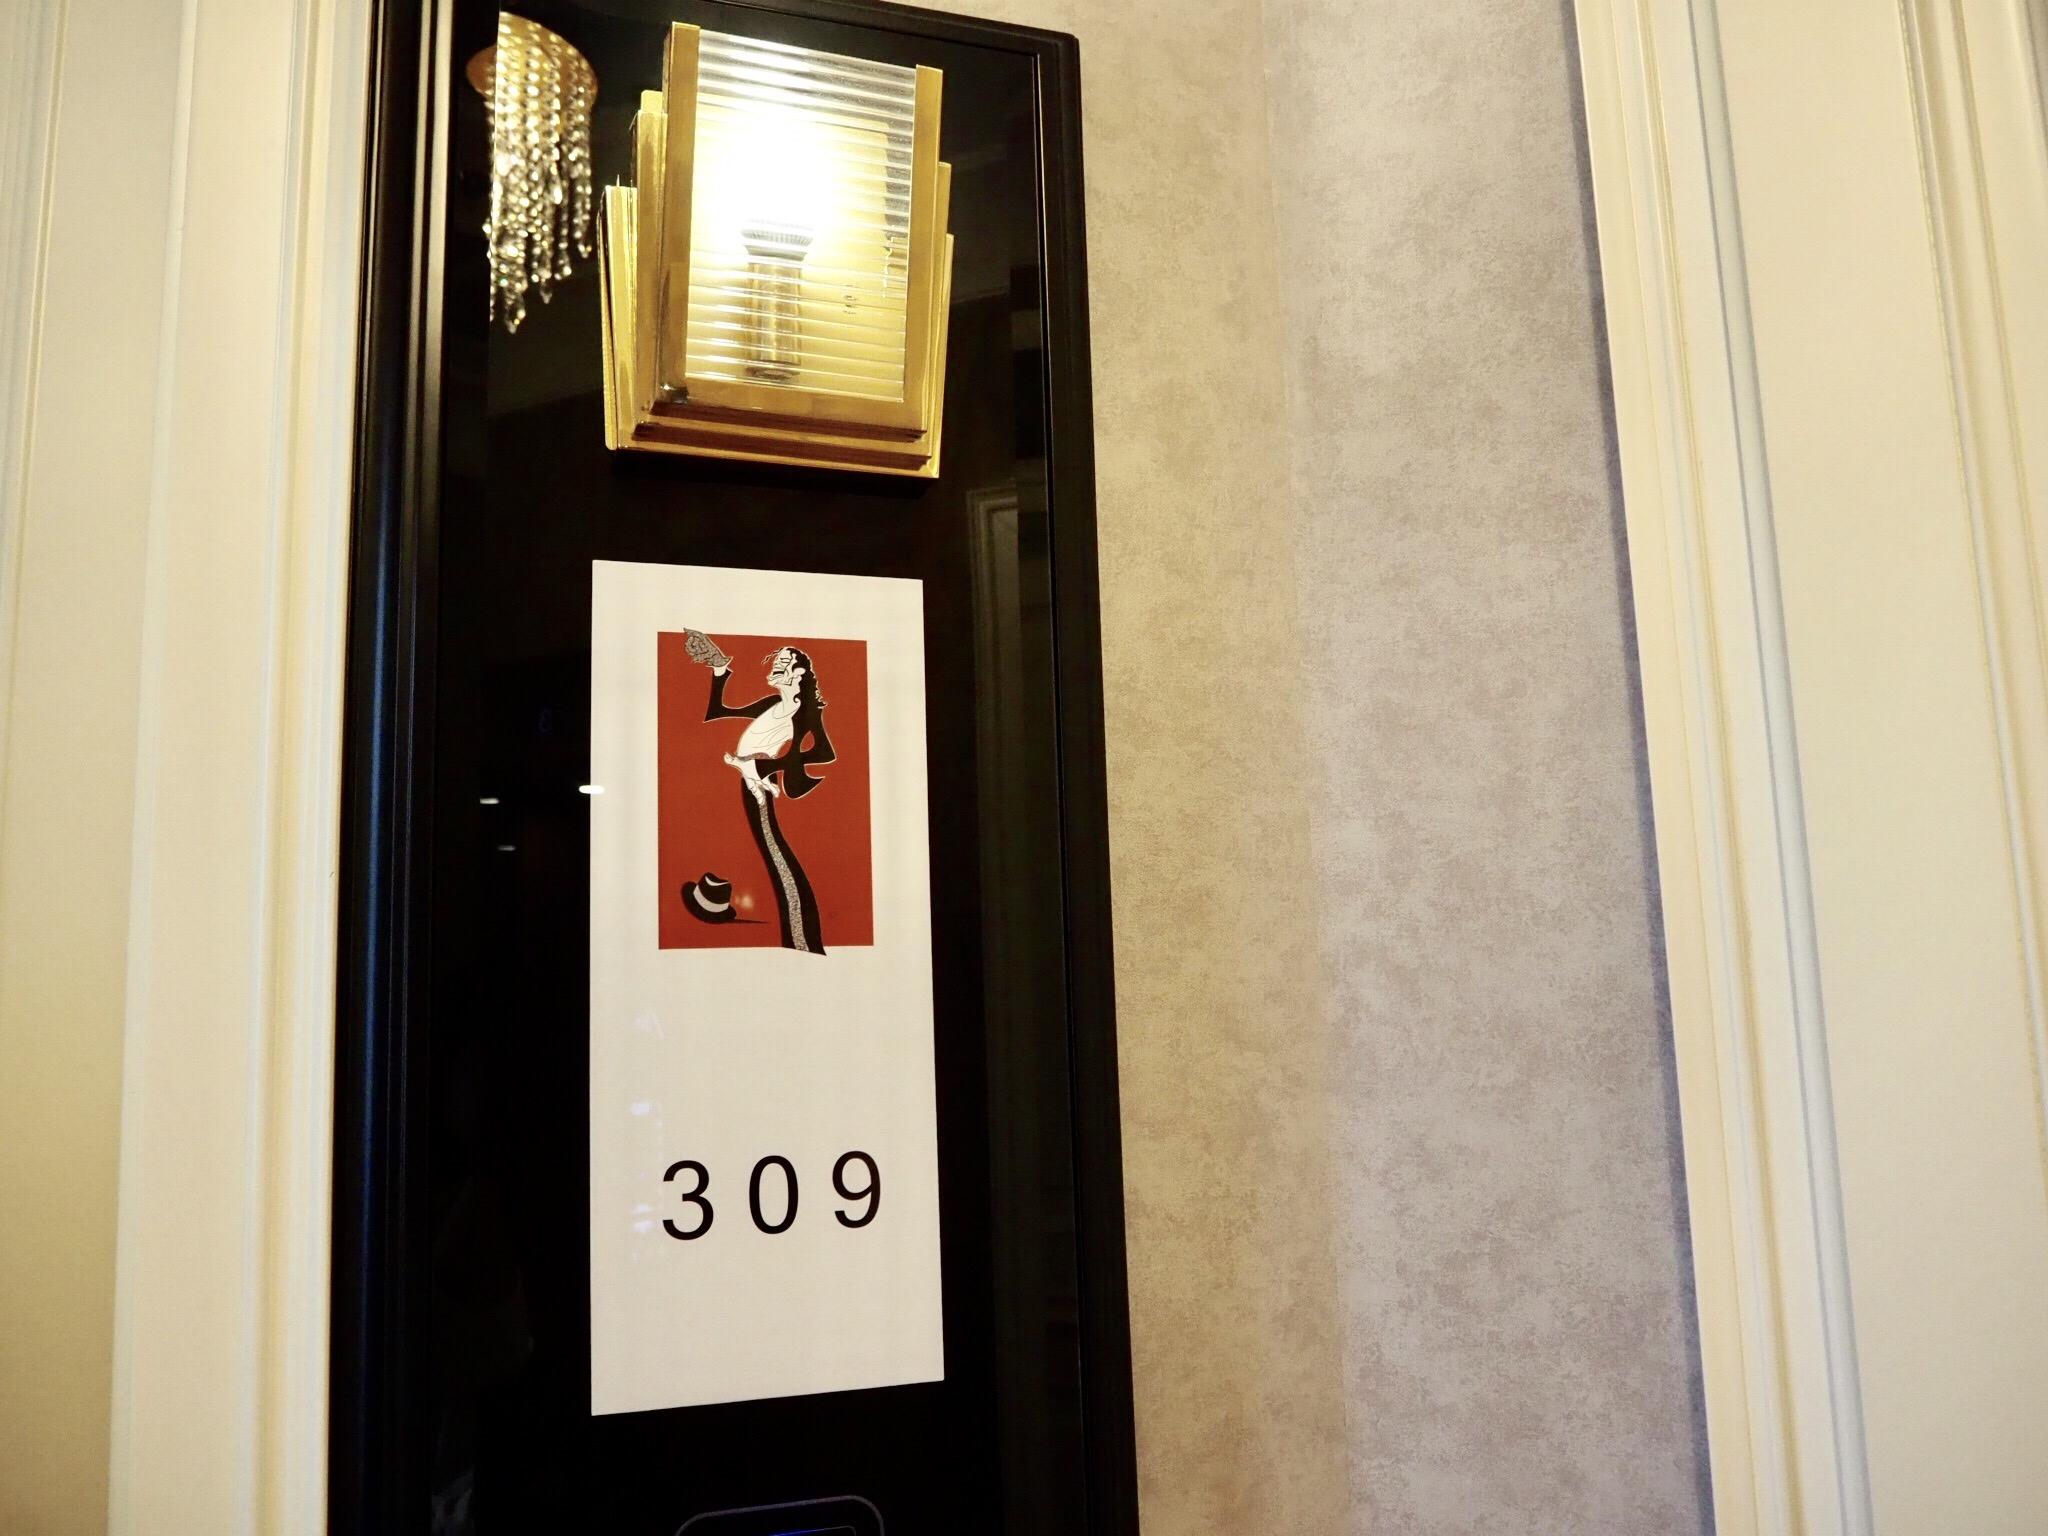 img 4793 - Aria Hotel Budapest - 音楽に囲まれて過ごすブダペストのラグジュアリーブティックホテルの魅力